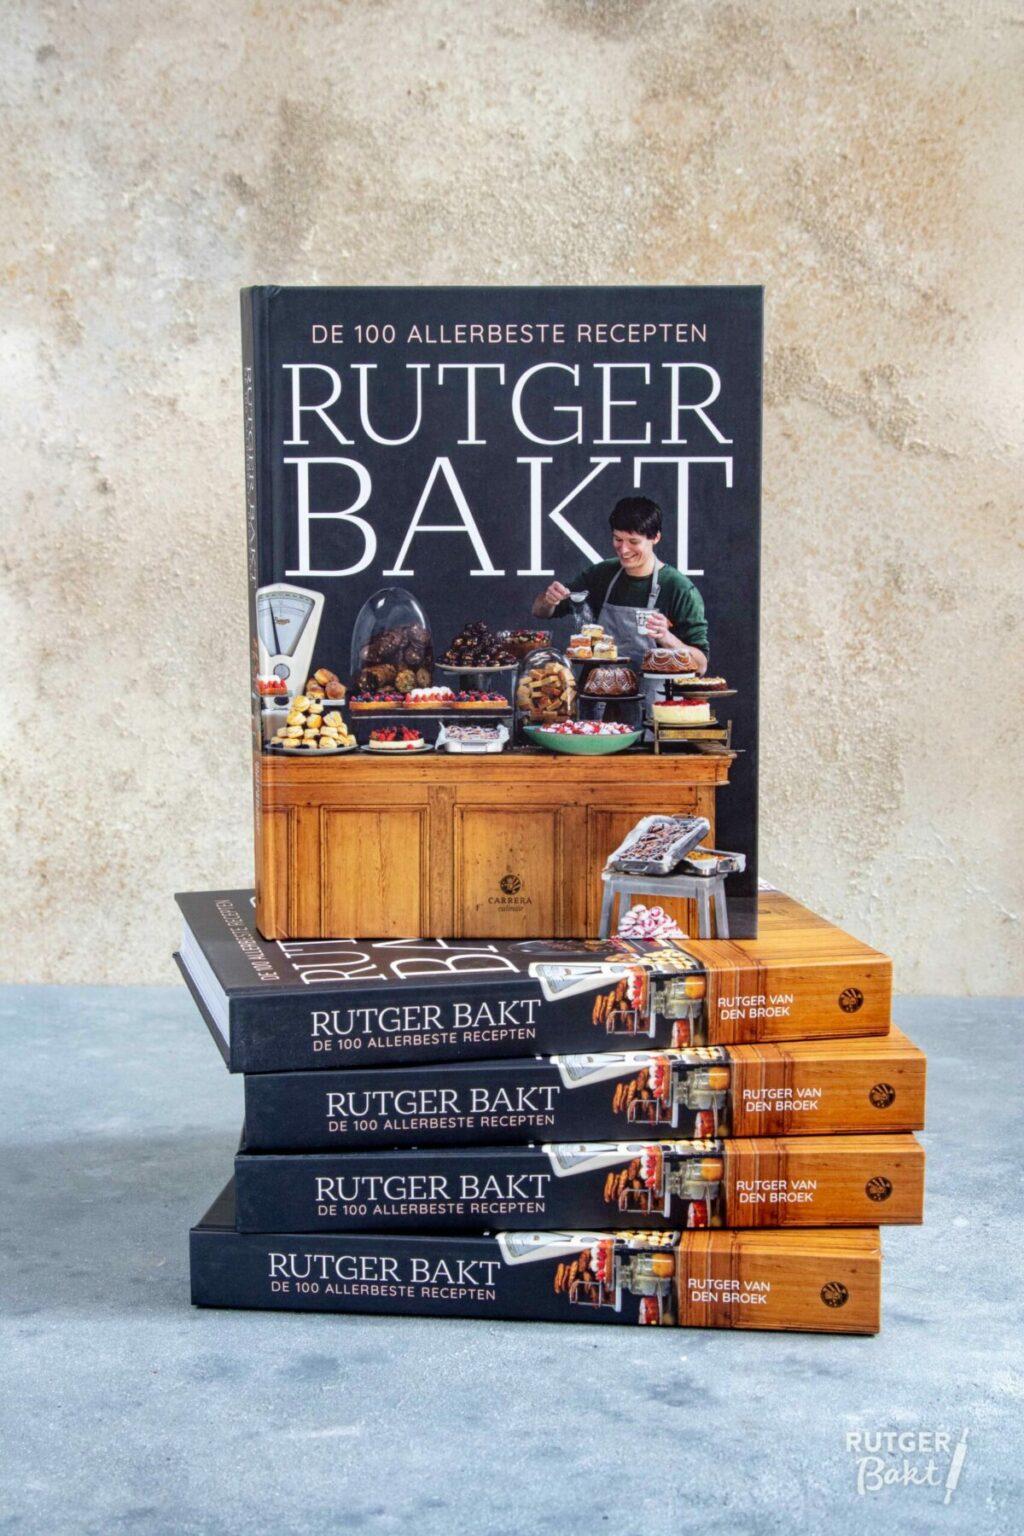 Rutger bakt in je kerstpakket?